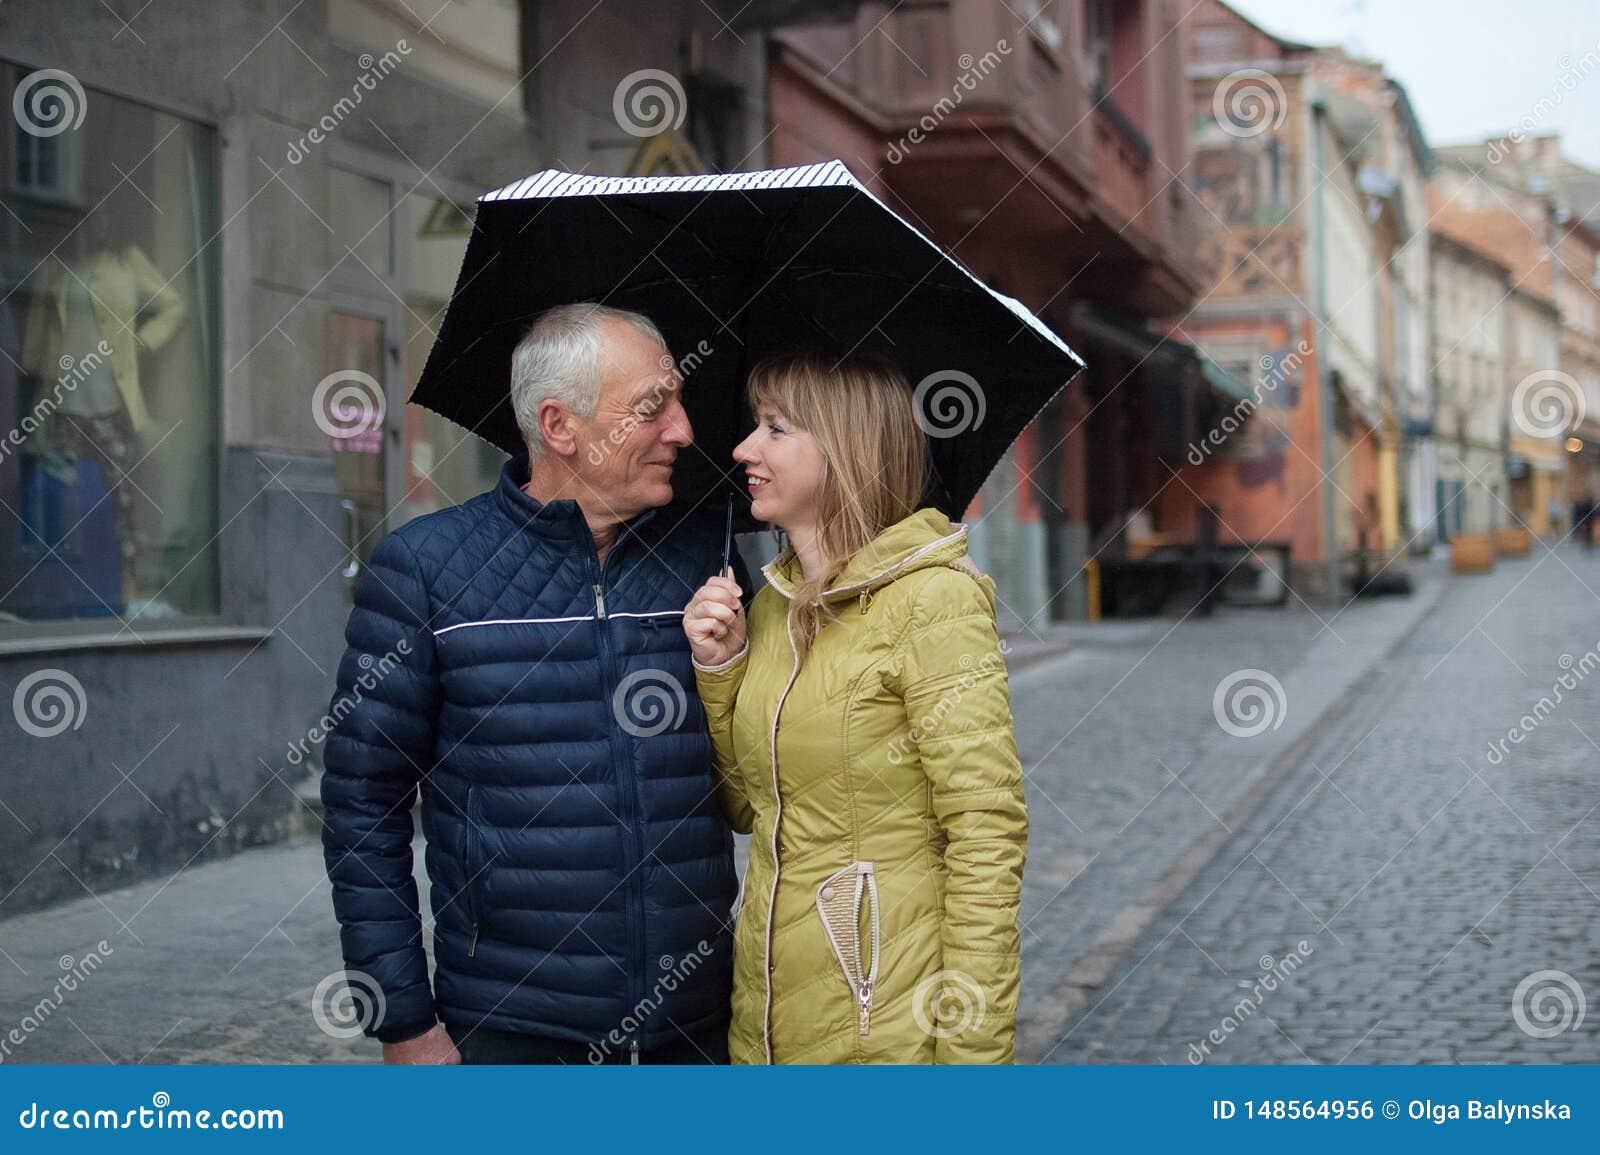 Romantisch paar die met leeftijdsverschil aan elkaar met geluk en het glimlachen status onder hun paraplu kijken